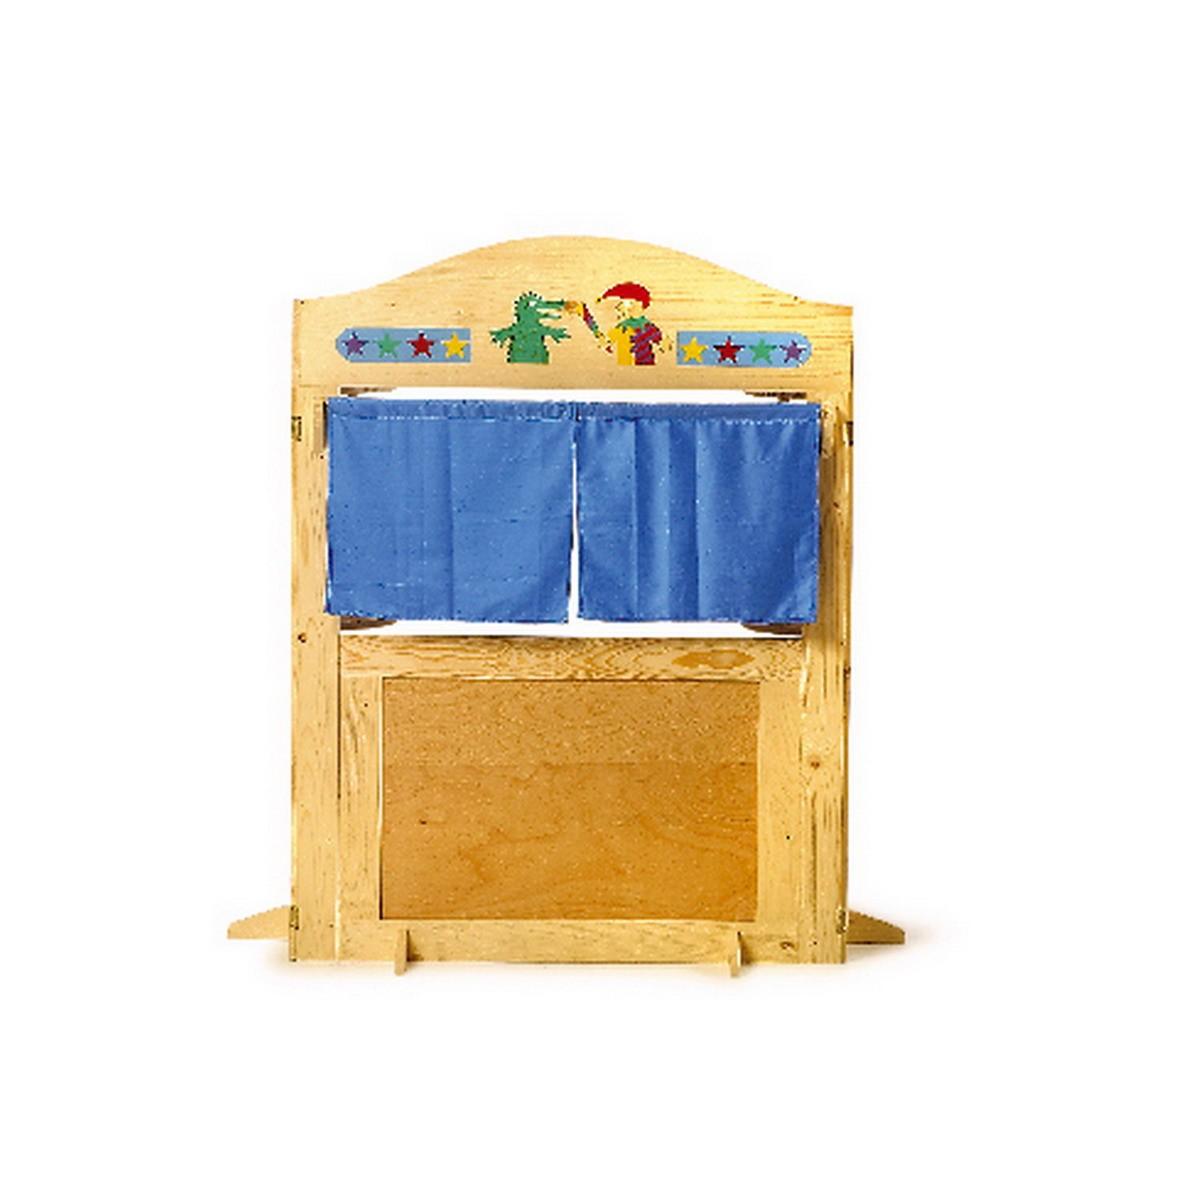 kaufladen vario holz 159 x 18 x 121 cm von small foot design g nstig bei mariposa toys kaufen. Black Bedroom Furniture Sets. Home Design Ideas